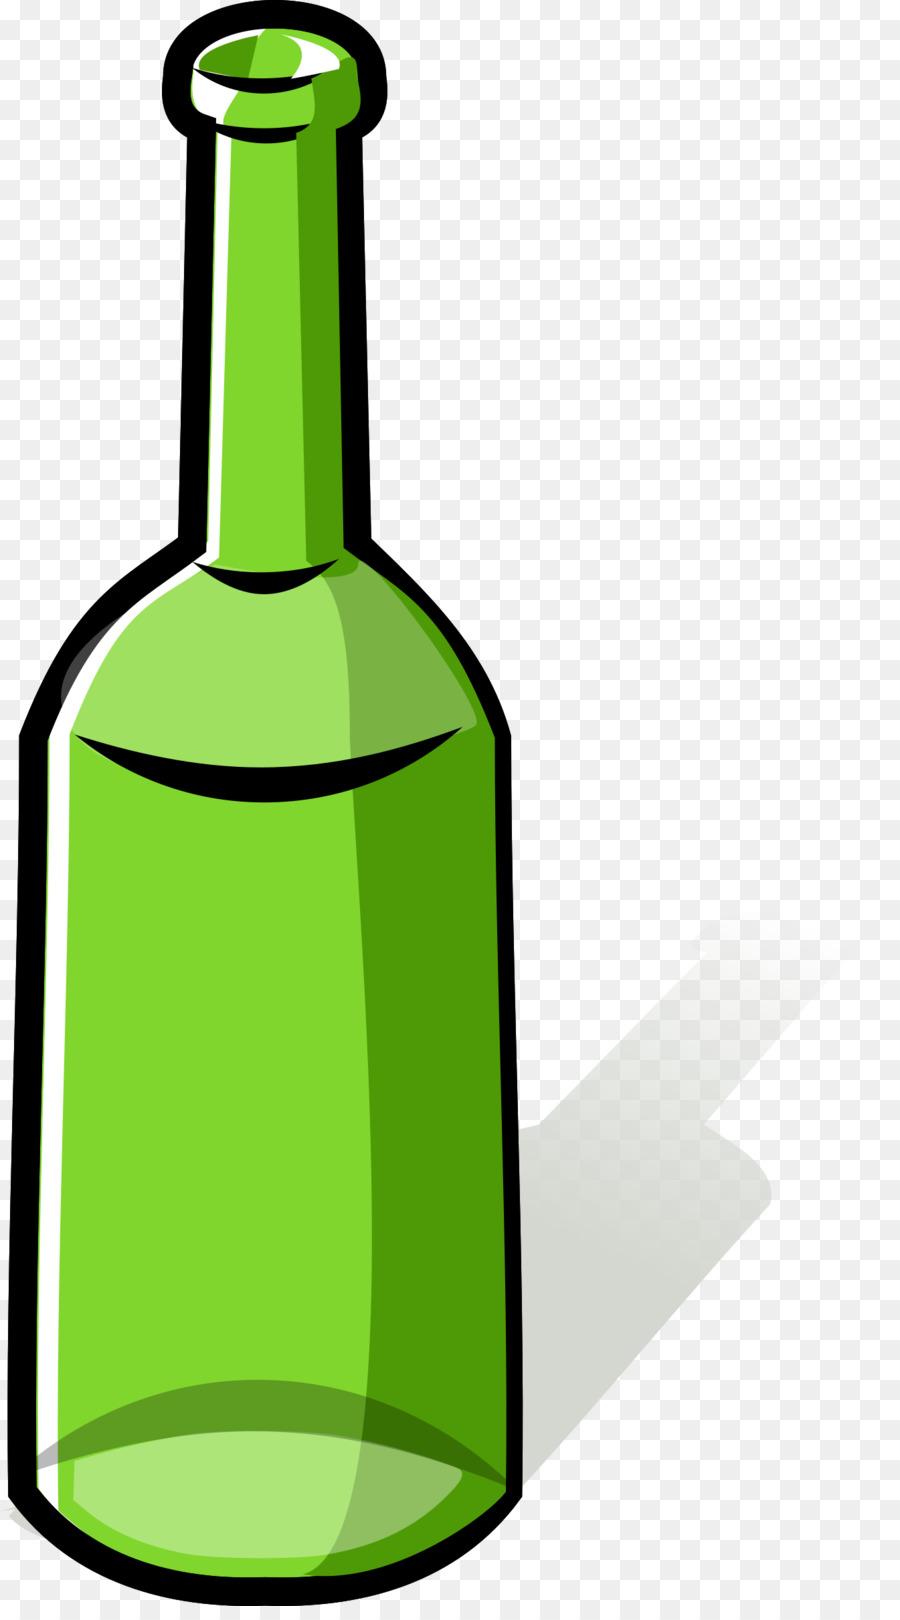 Transparent bottle clipart freeuse download Wine Glass clipart - Bottle, Beer, Illustration, transparent ... freeuse download